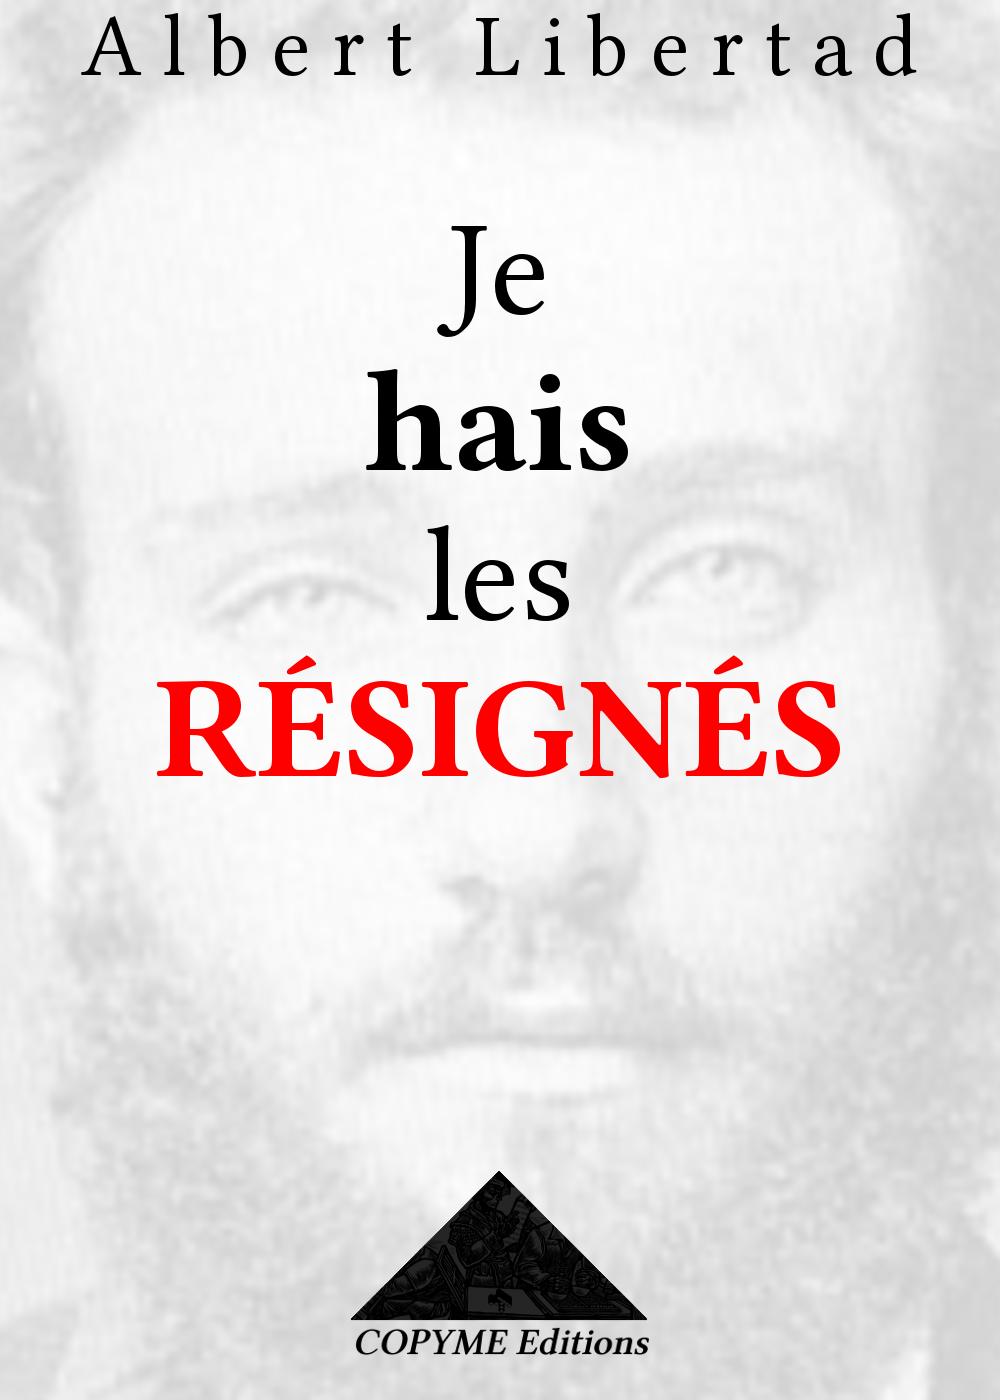 Libertad - Je hais les résignés/book/OEBPS/Images/cover.png